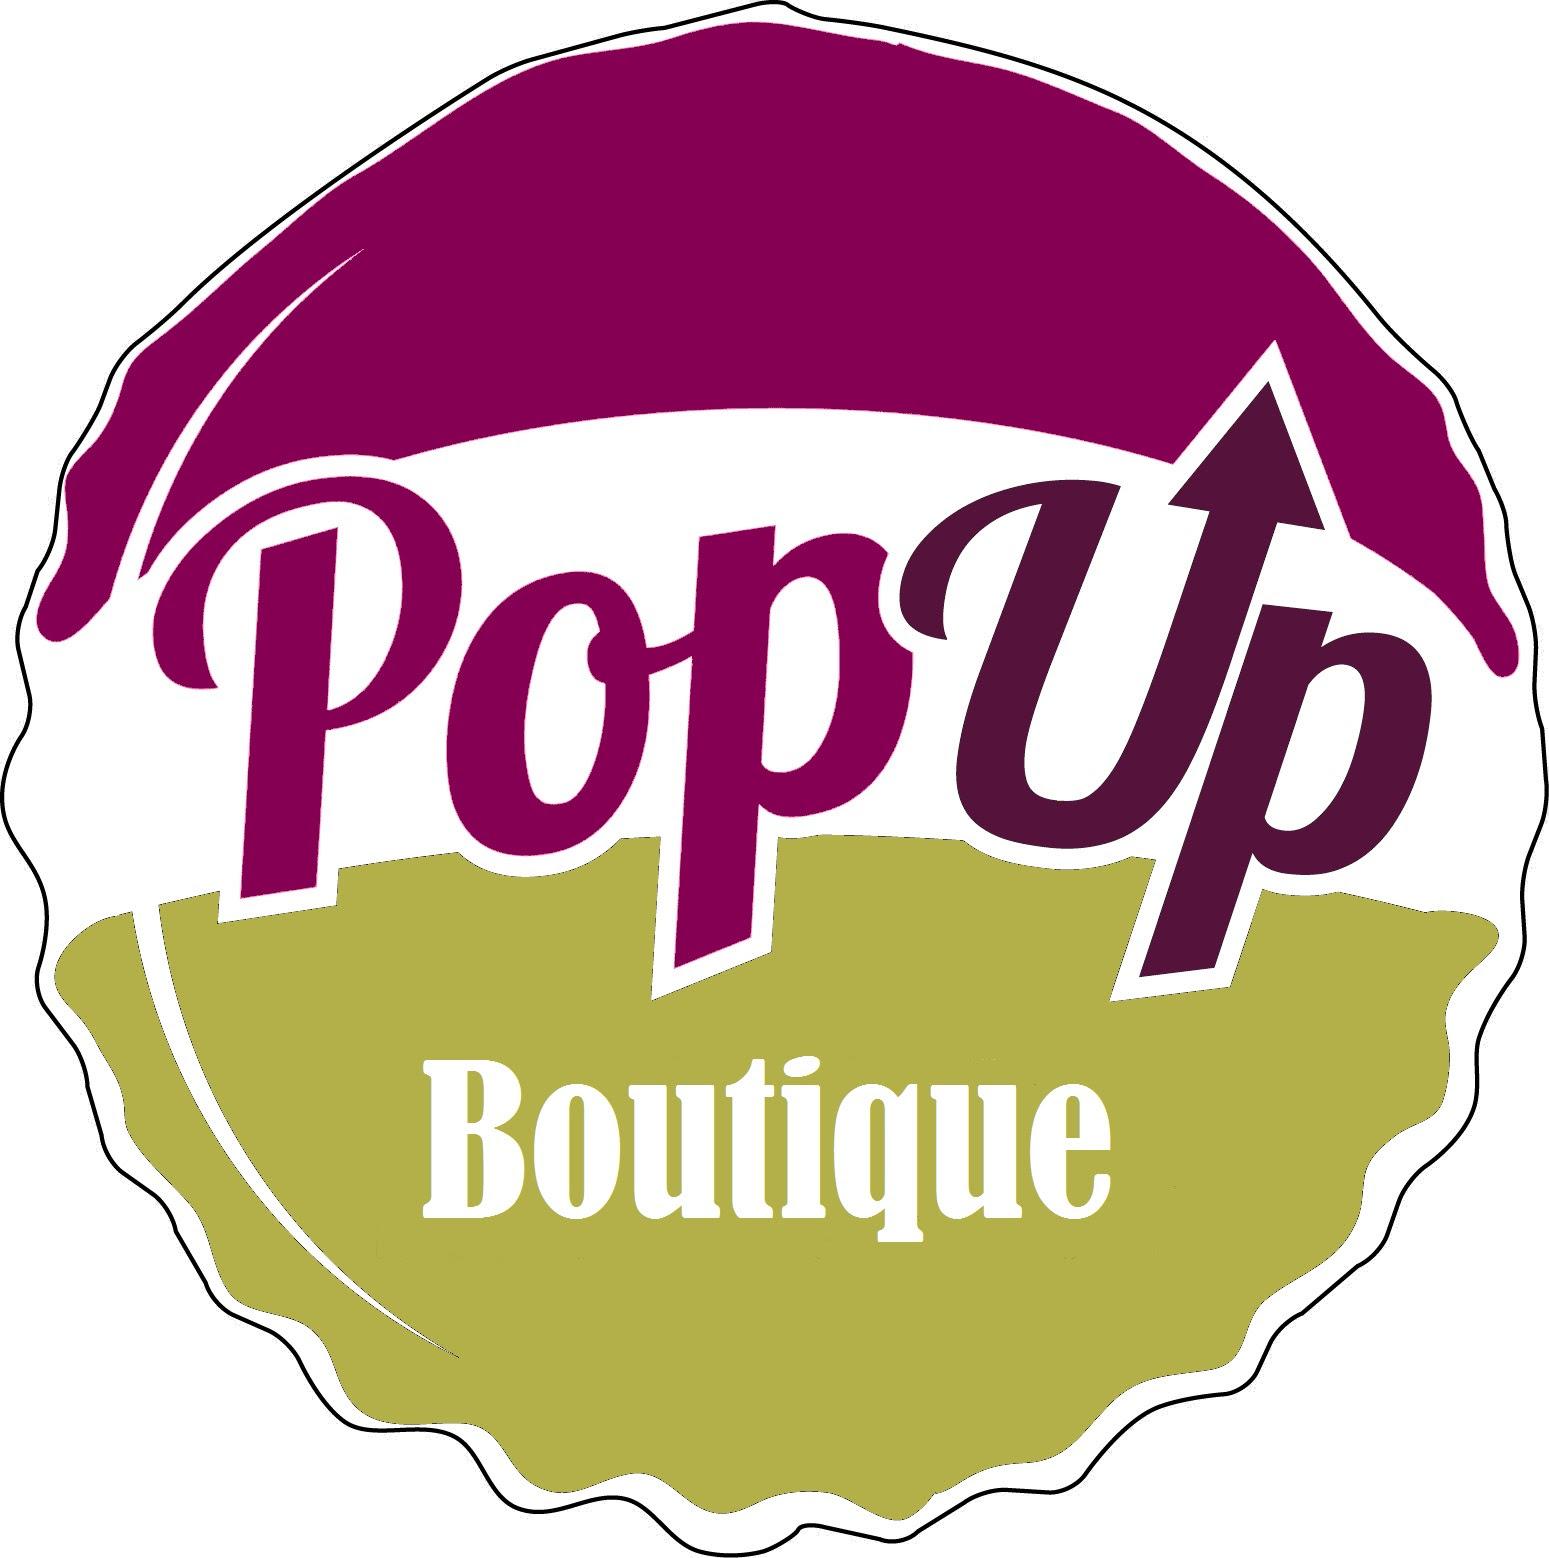 Pop Up Boutique